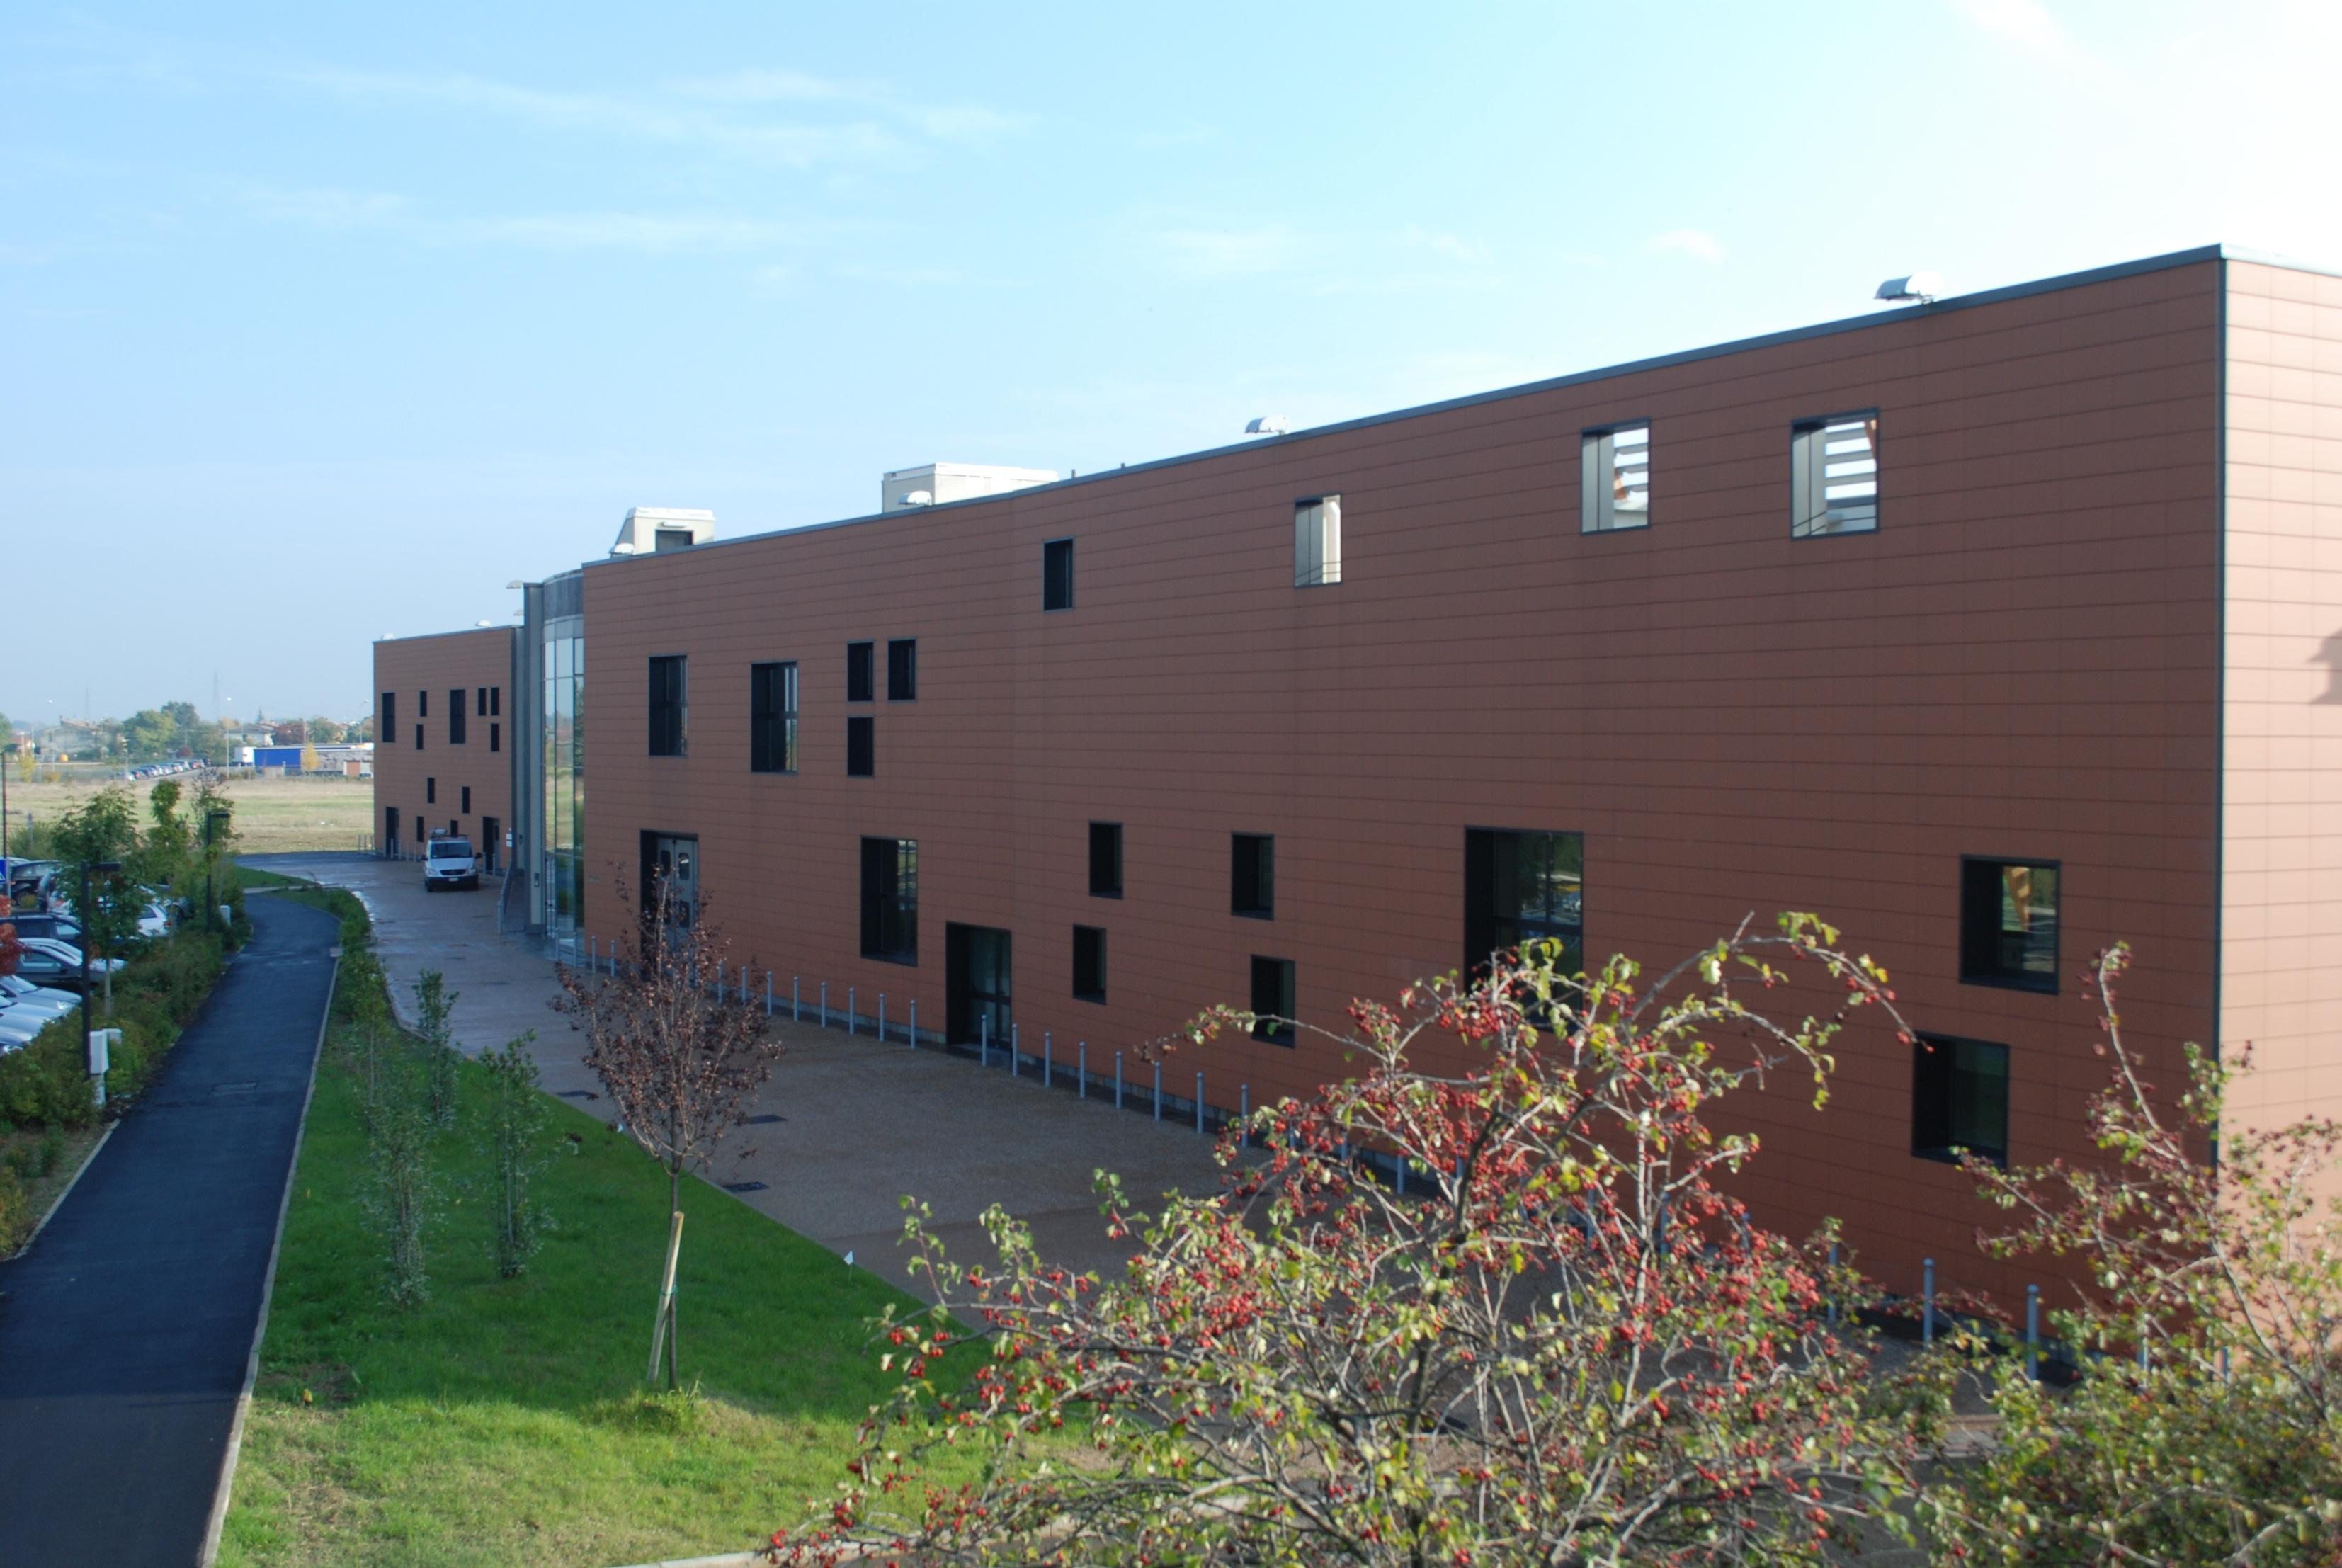 Ufficio Creativo Faenza : Stampa antica faenza veduta di piazza del popolo ravenna old